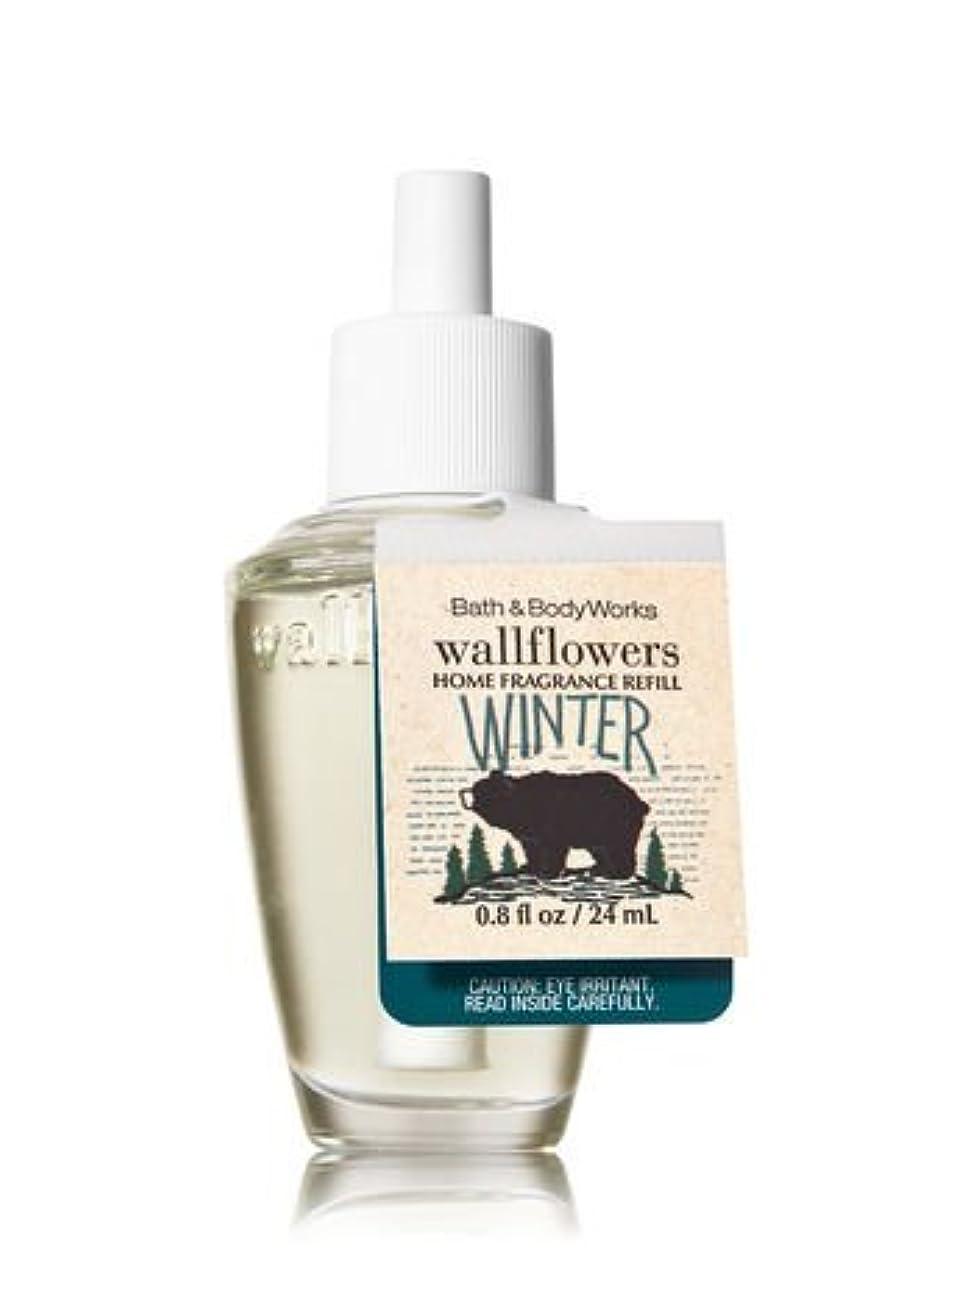 バンジージャンプ大腿真面目な【Bath&Body Works/バス&ボディワークス】 ルームフレグランス 詰替えリフィル ウィンター Wallflowers Home Fragrance Refill Winter [並行輸入品]